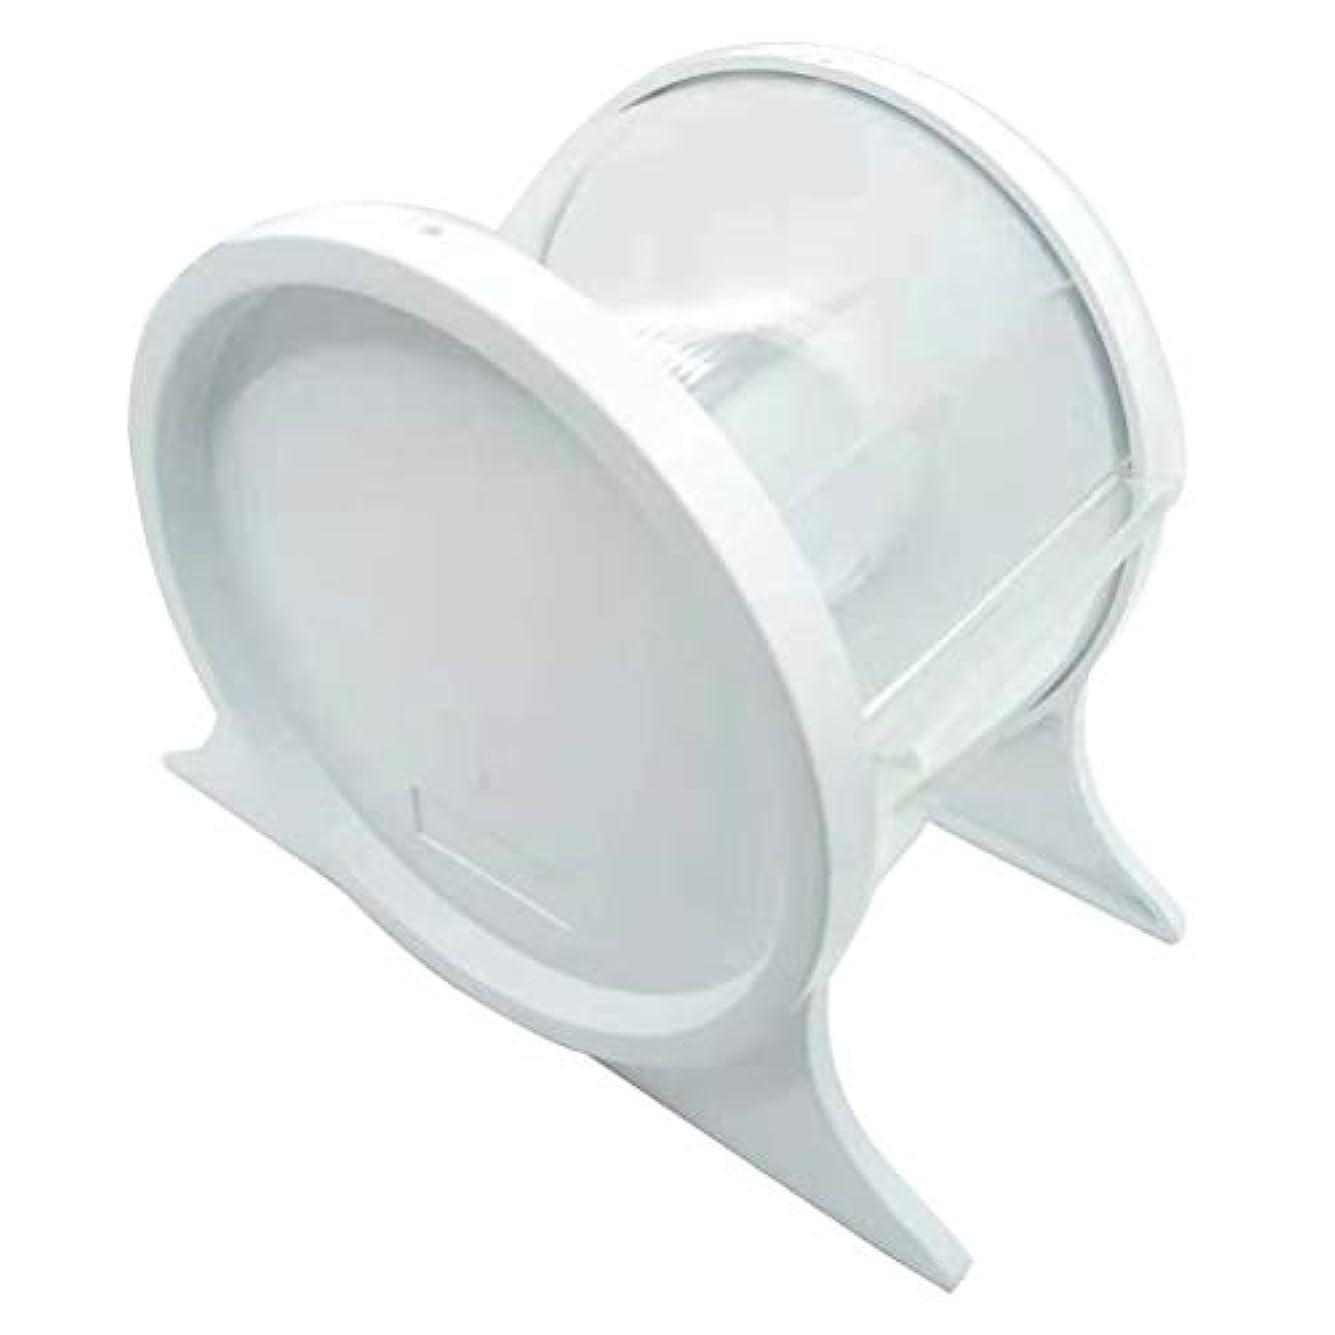 かもめオリエンテーション擬人化Healifty スタンドホルダーシェルフ歯科ツールを保護する使い捨て歯科用バリアフィルムディスペンサー(ホワイト)